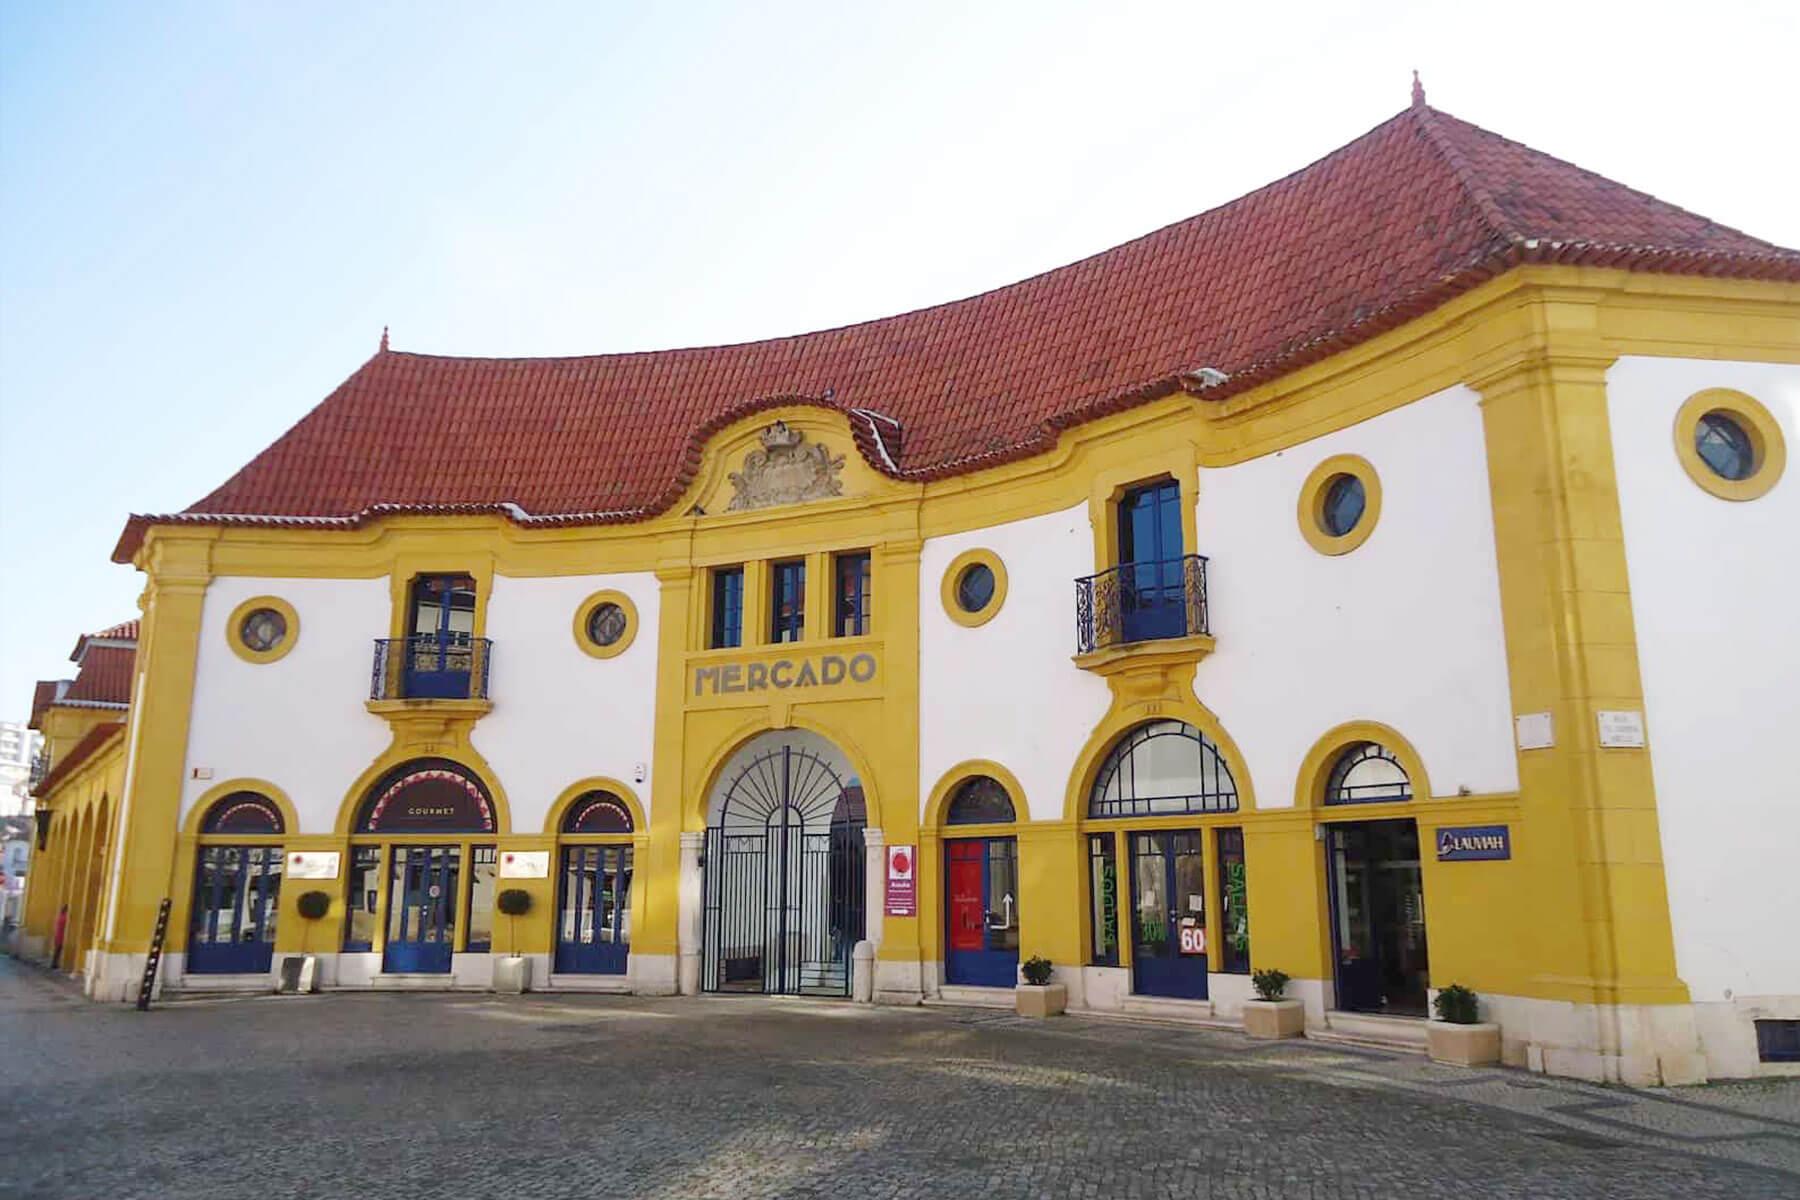 Mercado Santana, Leiria